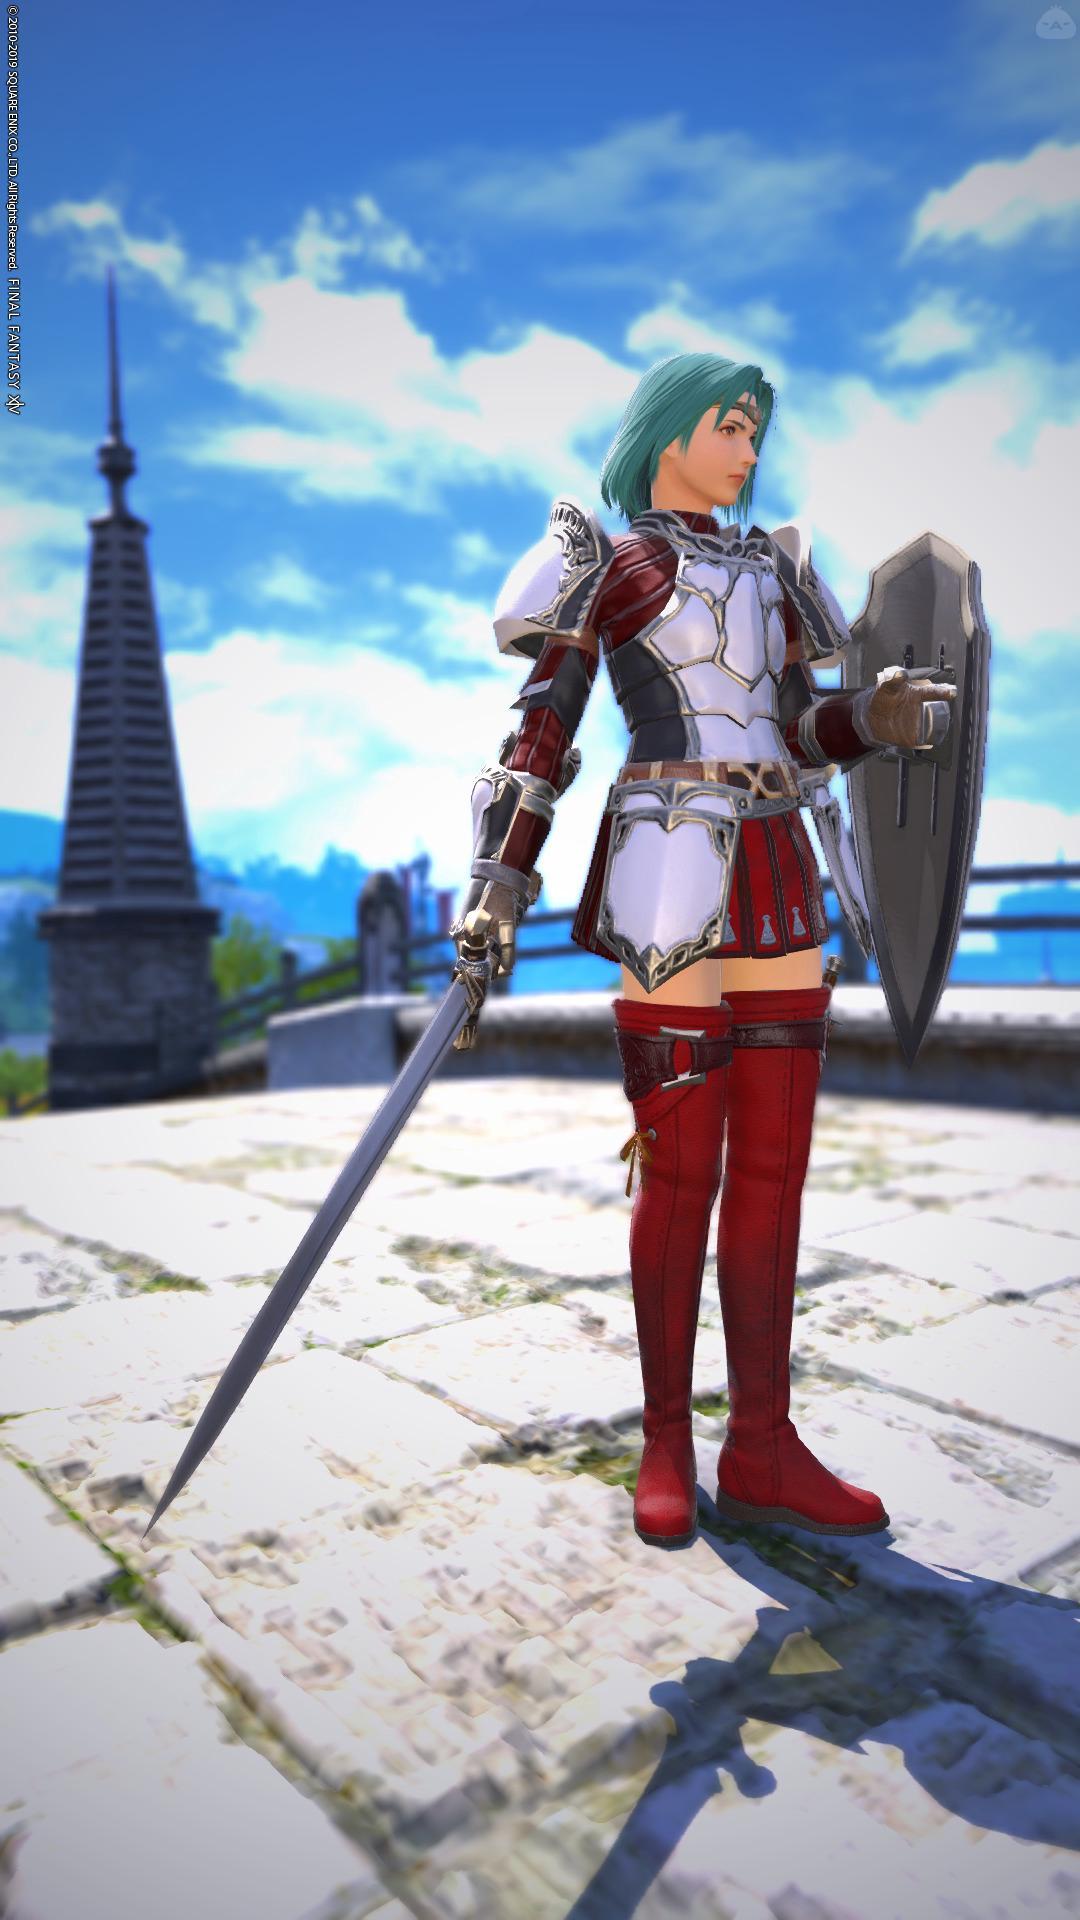 FEっぽい騎士